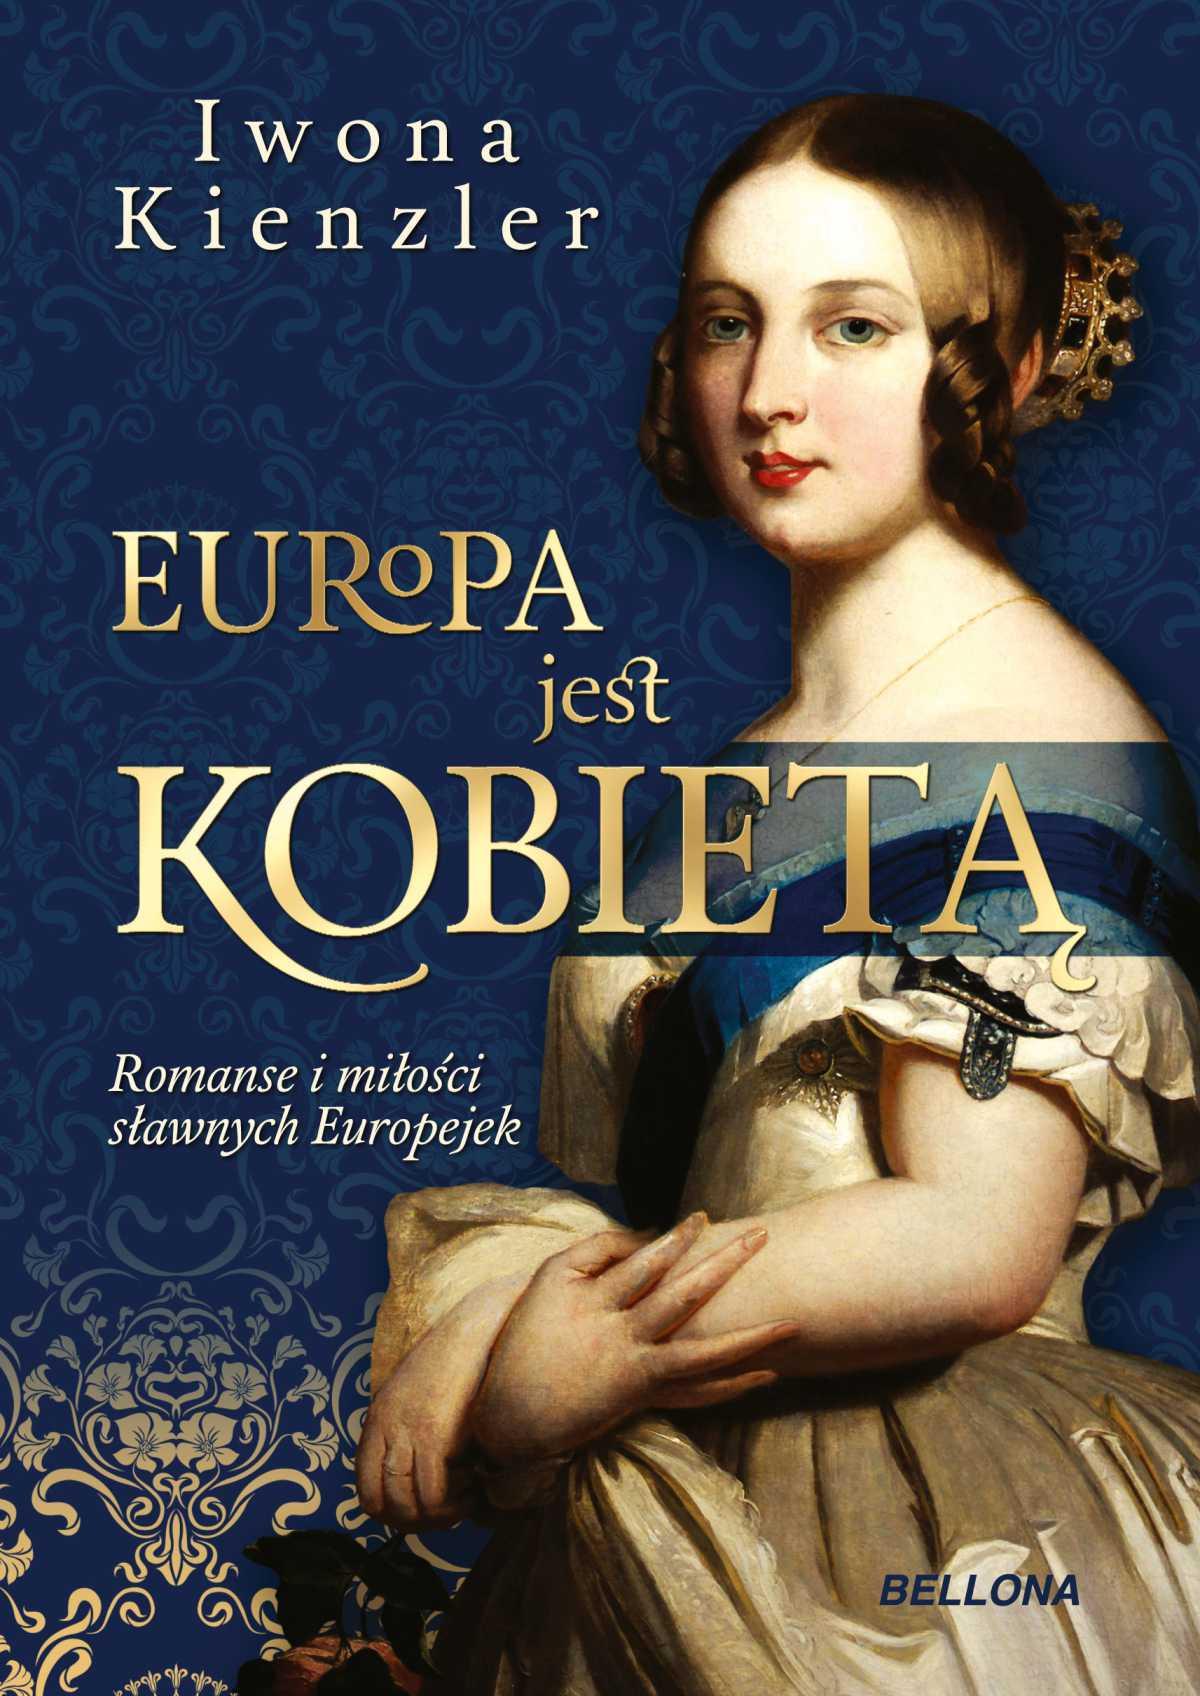 Europa jest kobietą - Ebook (Książka EPUB) do pobrania w formacie EPUB